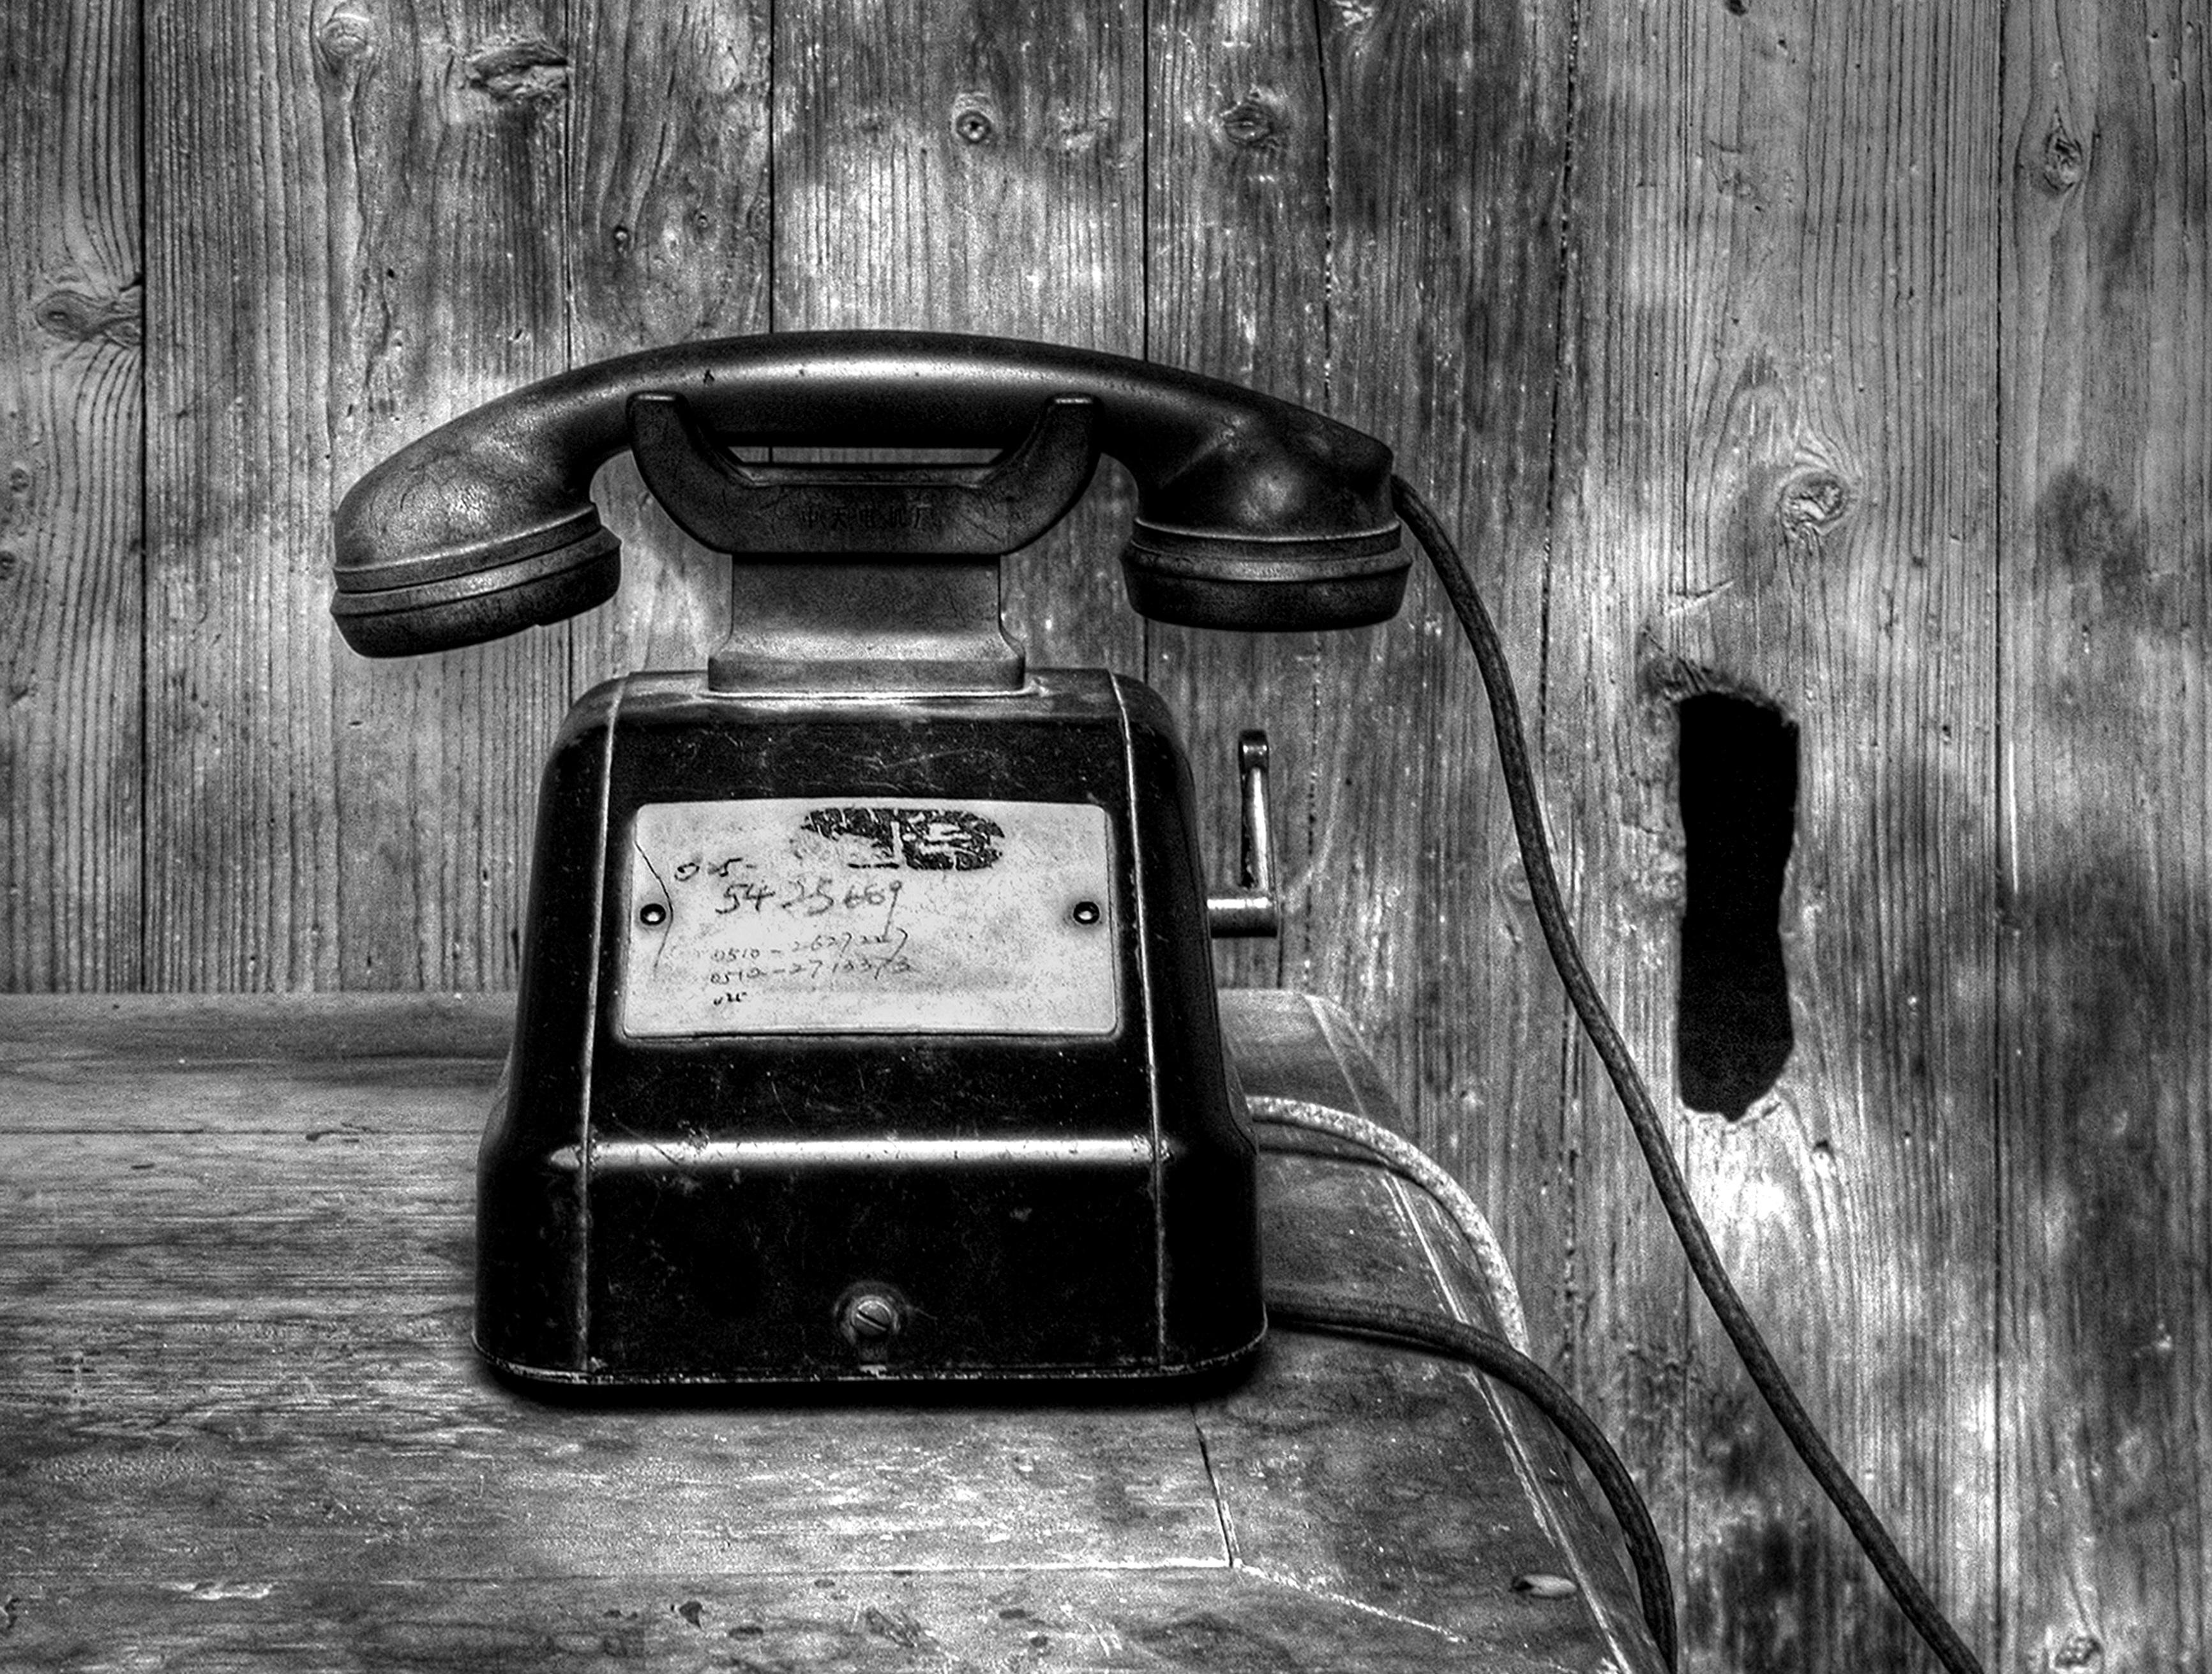 приглашение фото старинного телефона карикатура постоянно следим